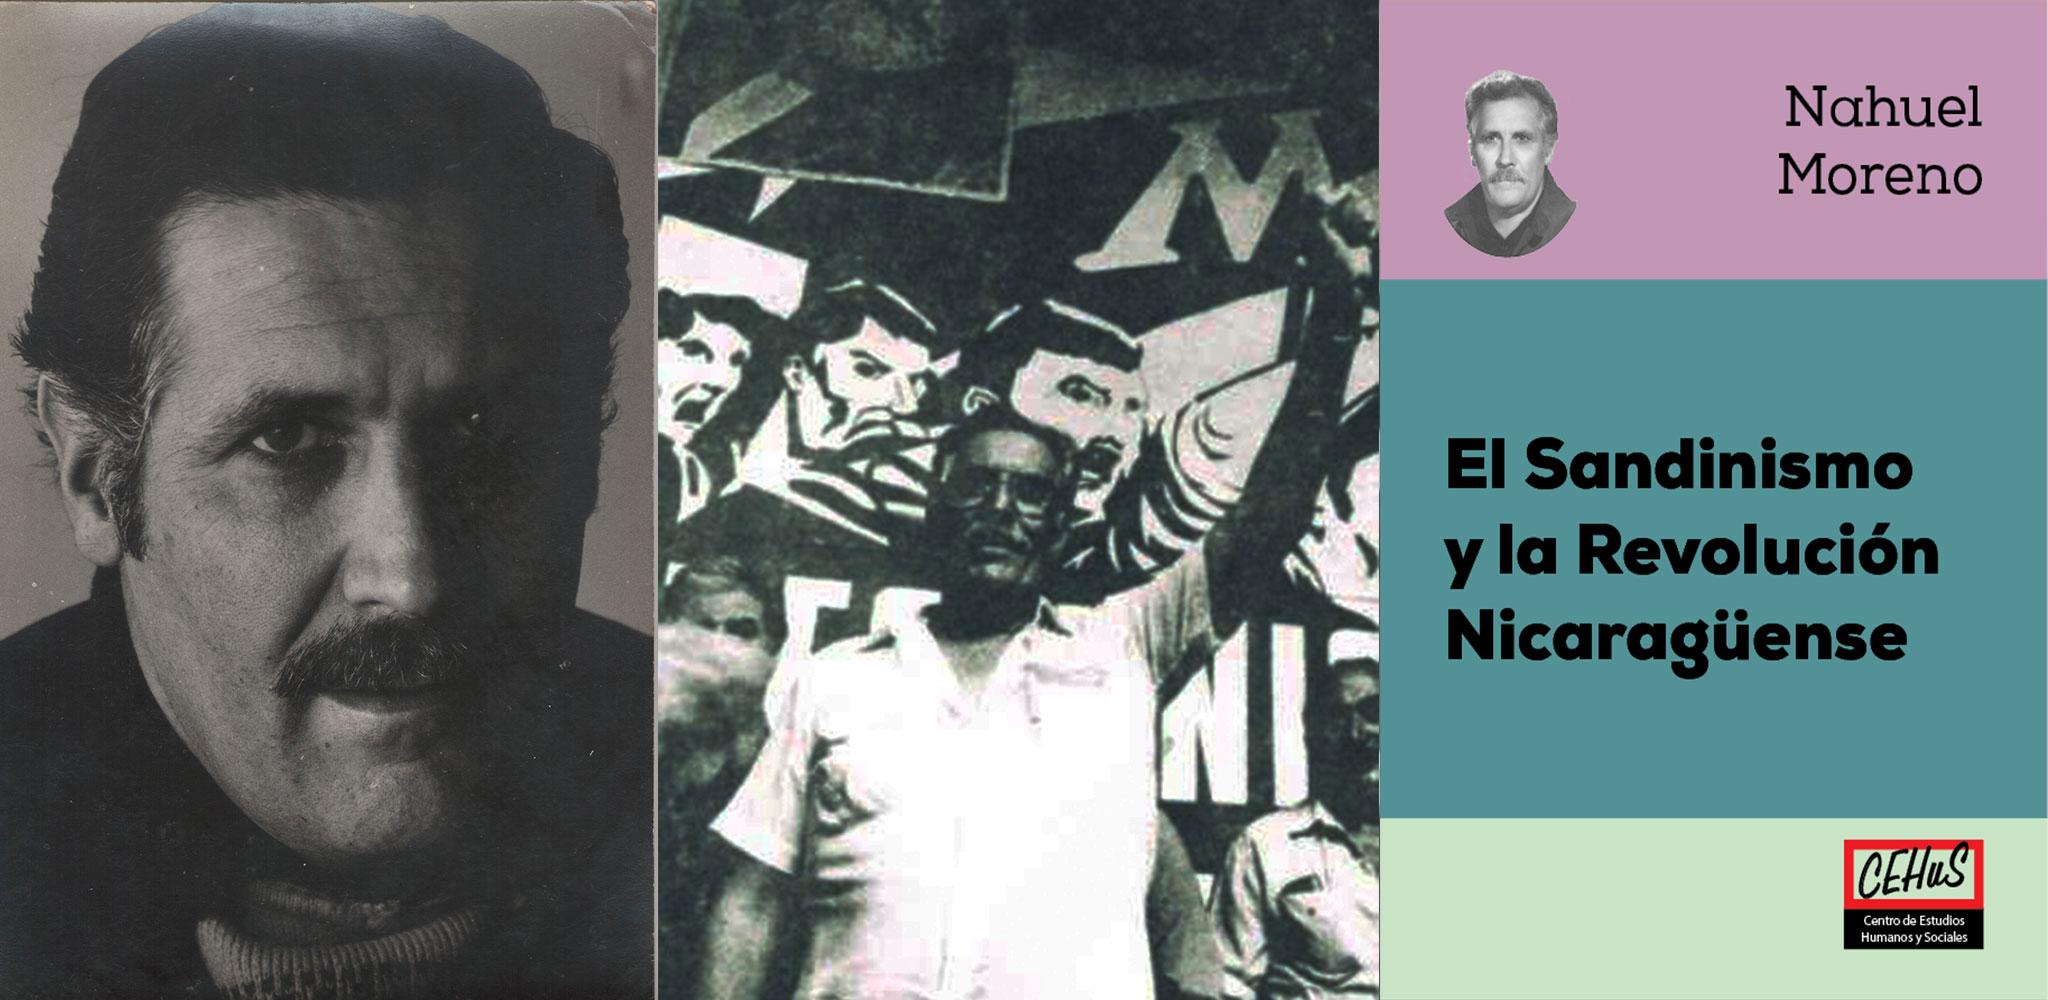 EL SANDINISMO Y LA REVOLUCIÓN NICARAGÜENSE (1986)